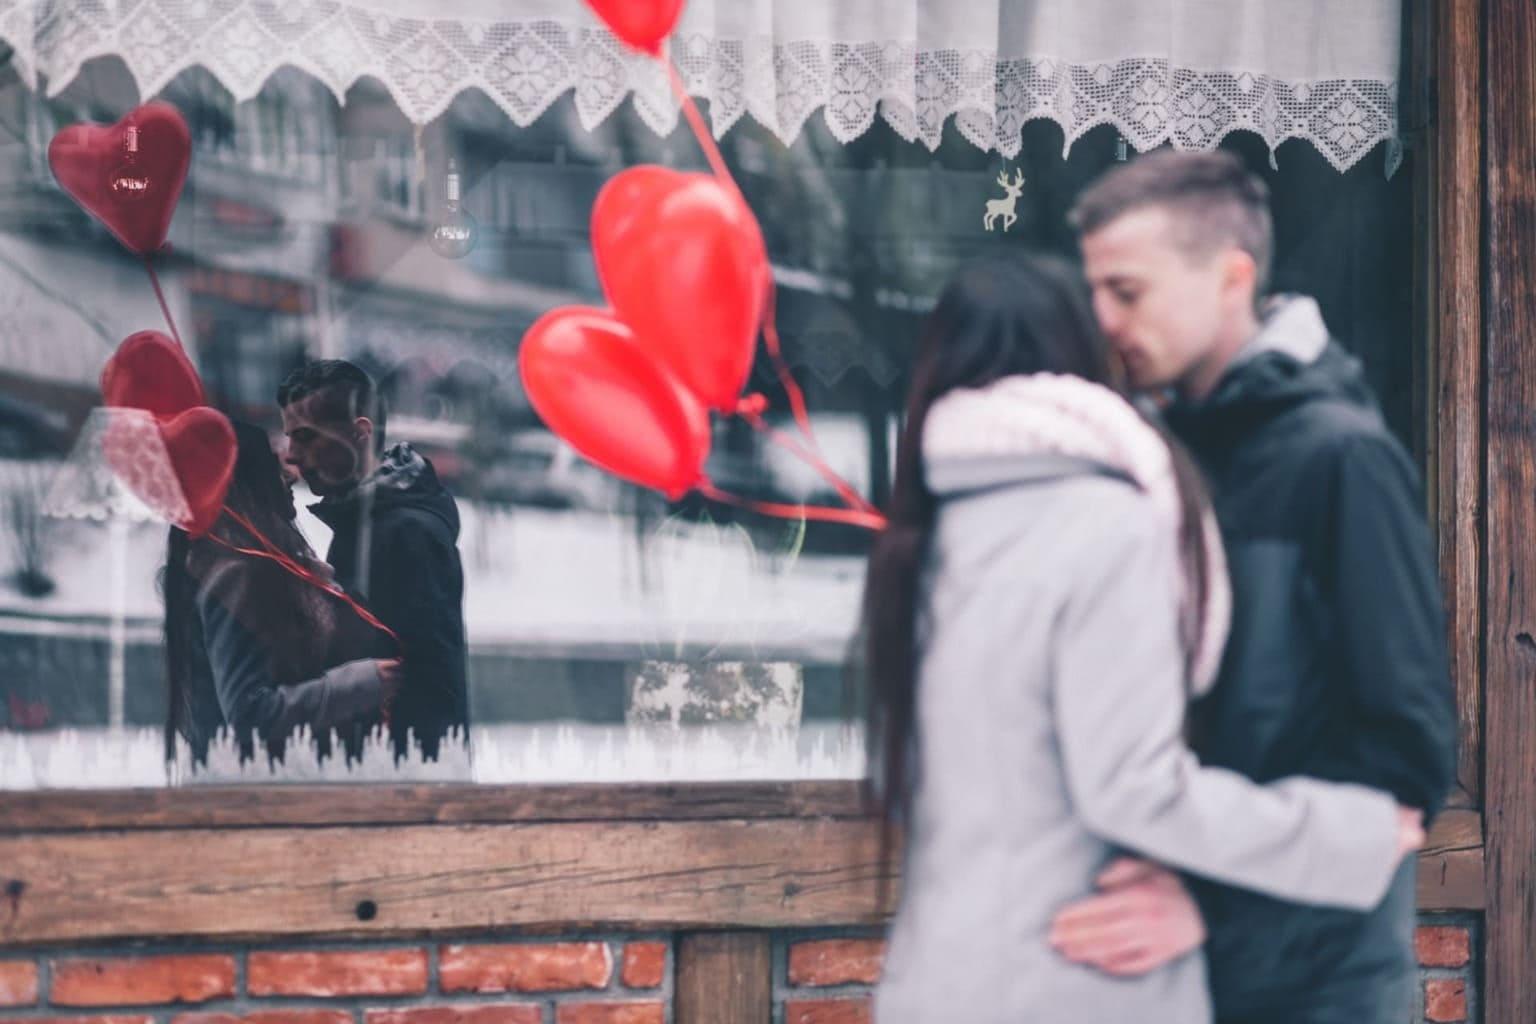 バレンタインデー、最高にときめくチョコと映画の格付け企画